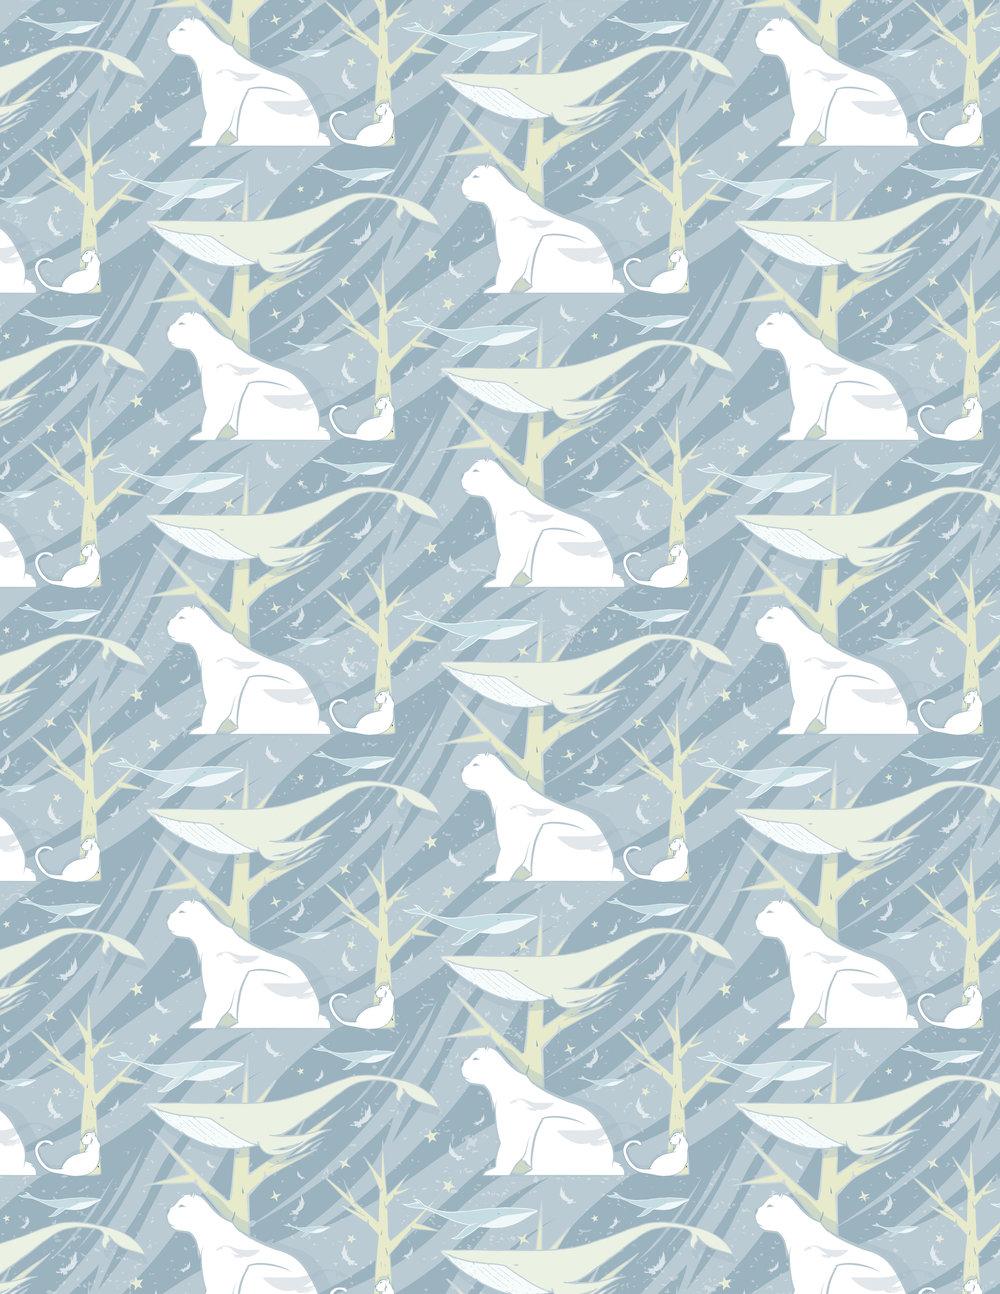 wu_jay_pattern1.jpg